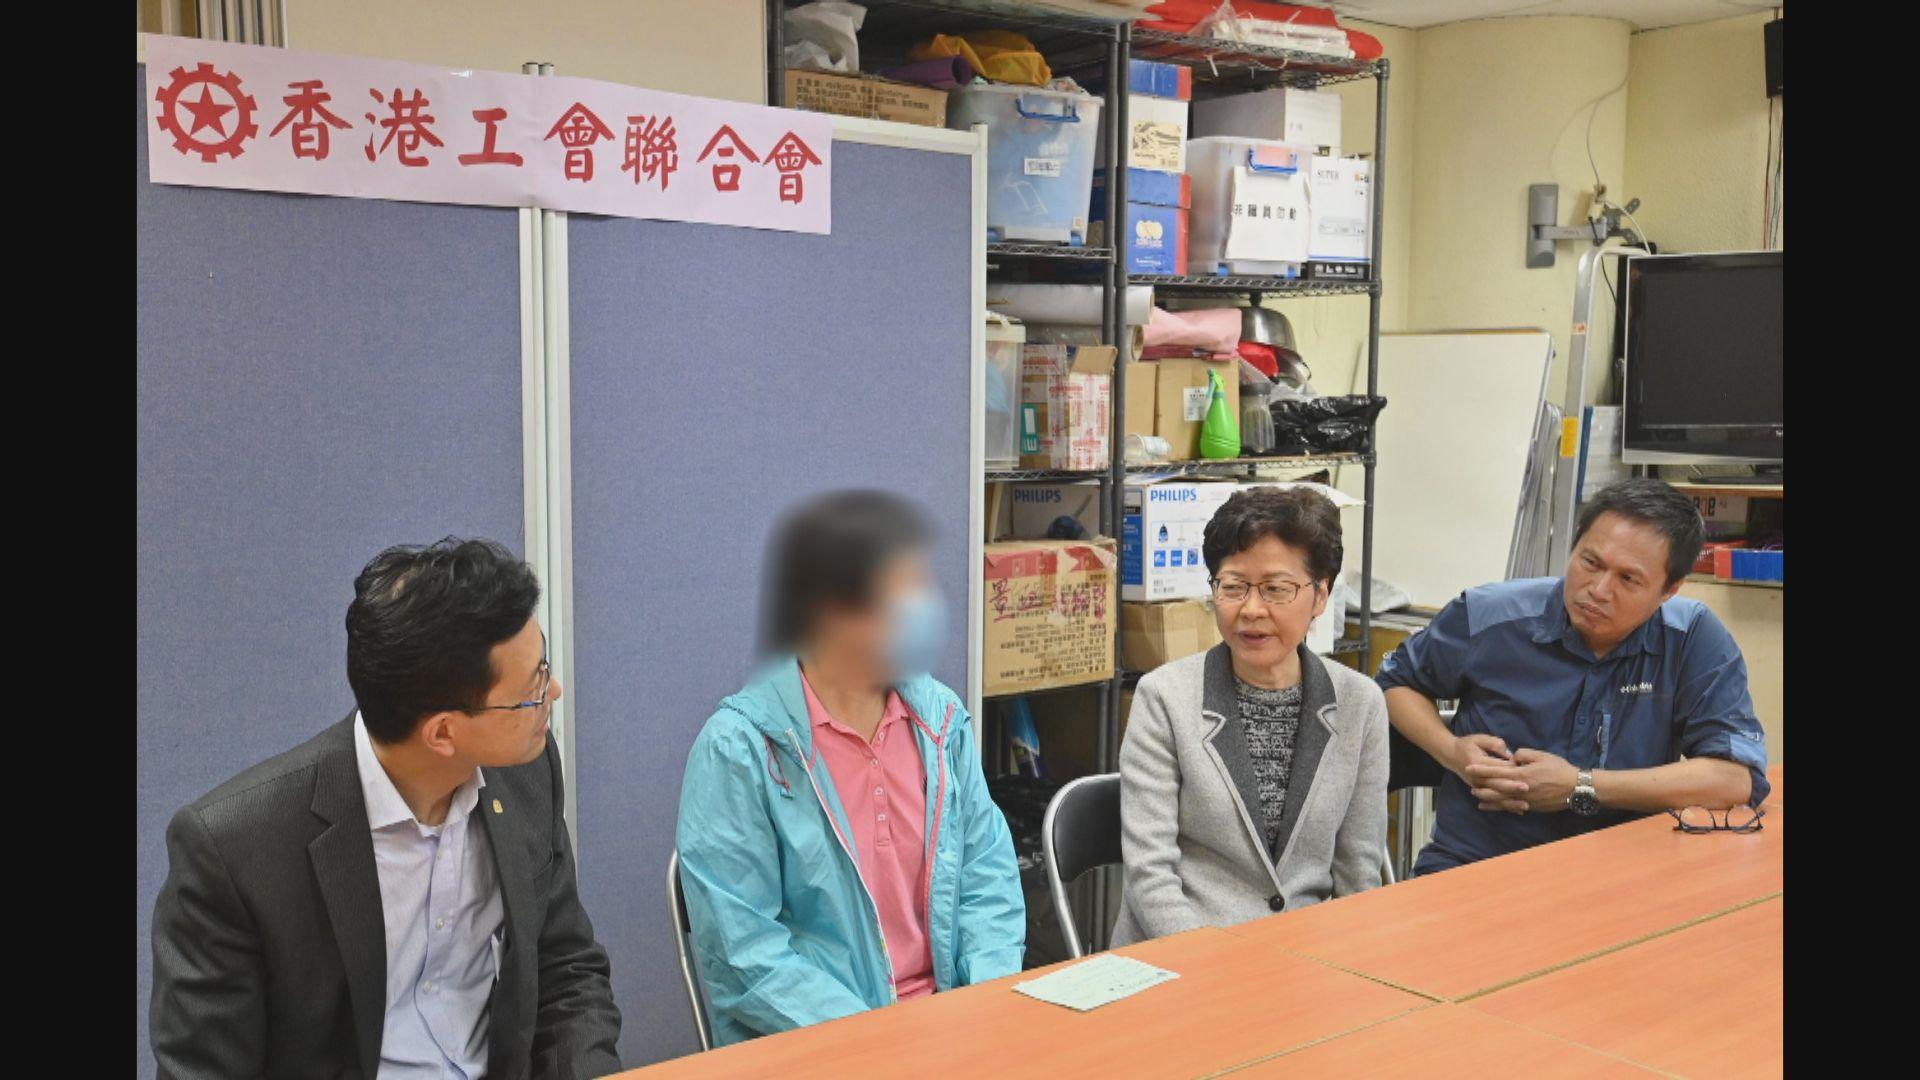 林鄭月娥向因政見不同被燒傷的傷者太太轉交業界籌款